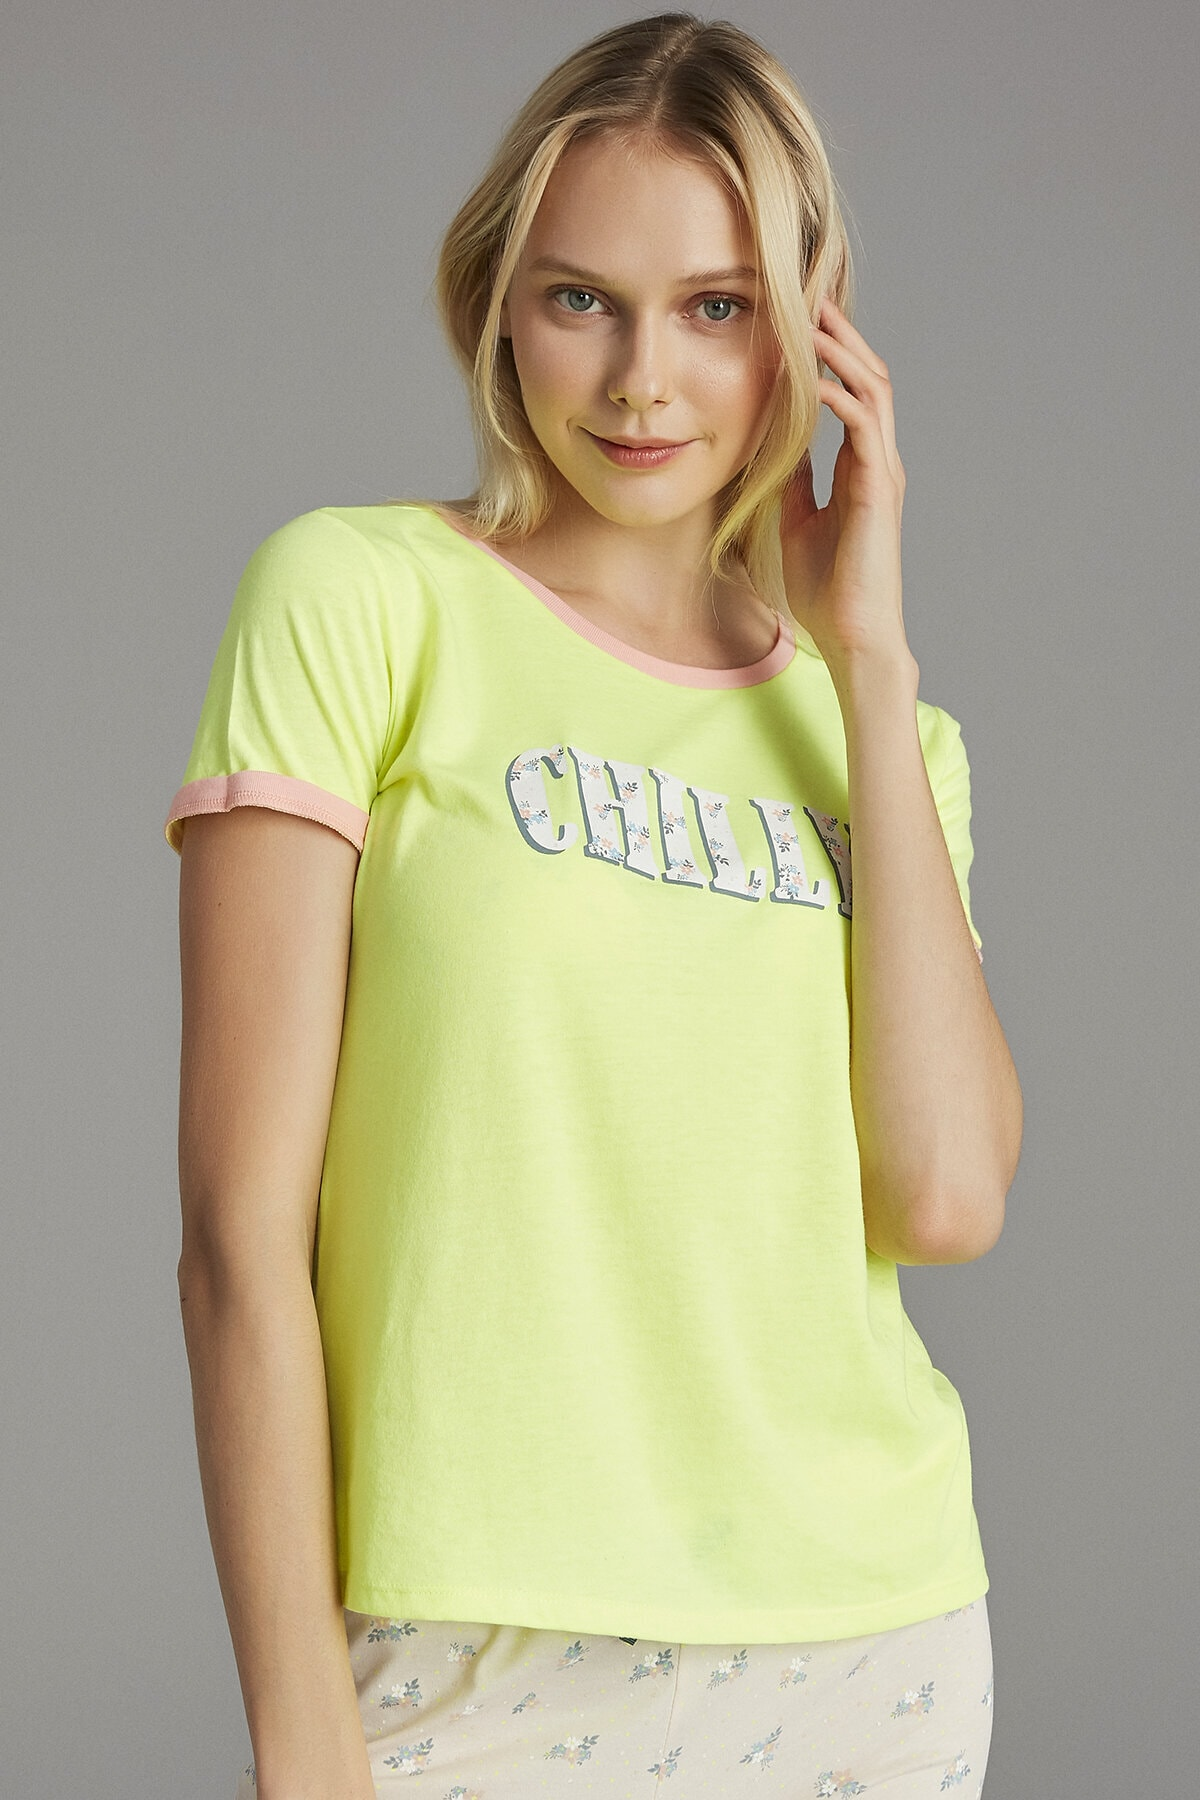 Penti Neon Sarı Chilly Tişört 2